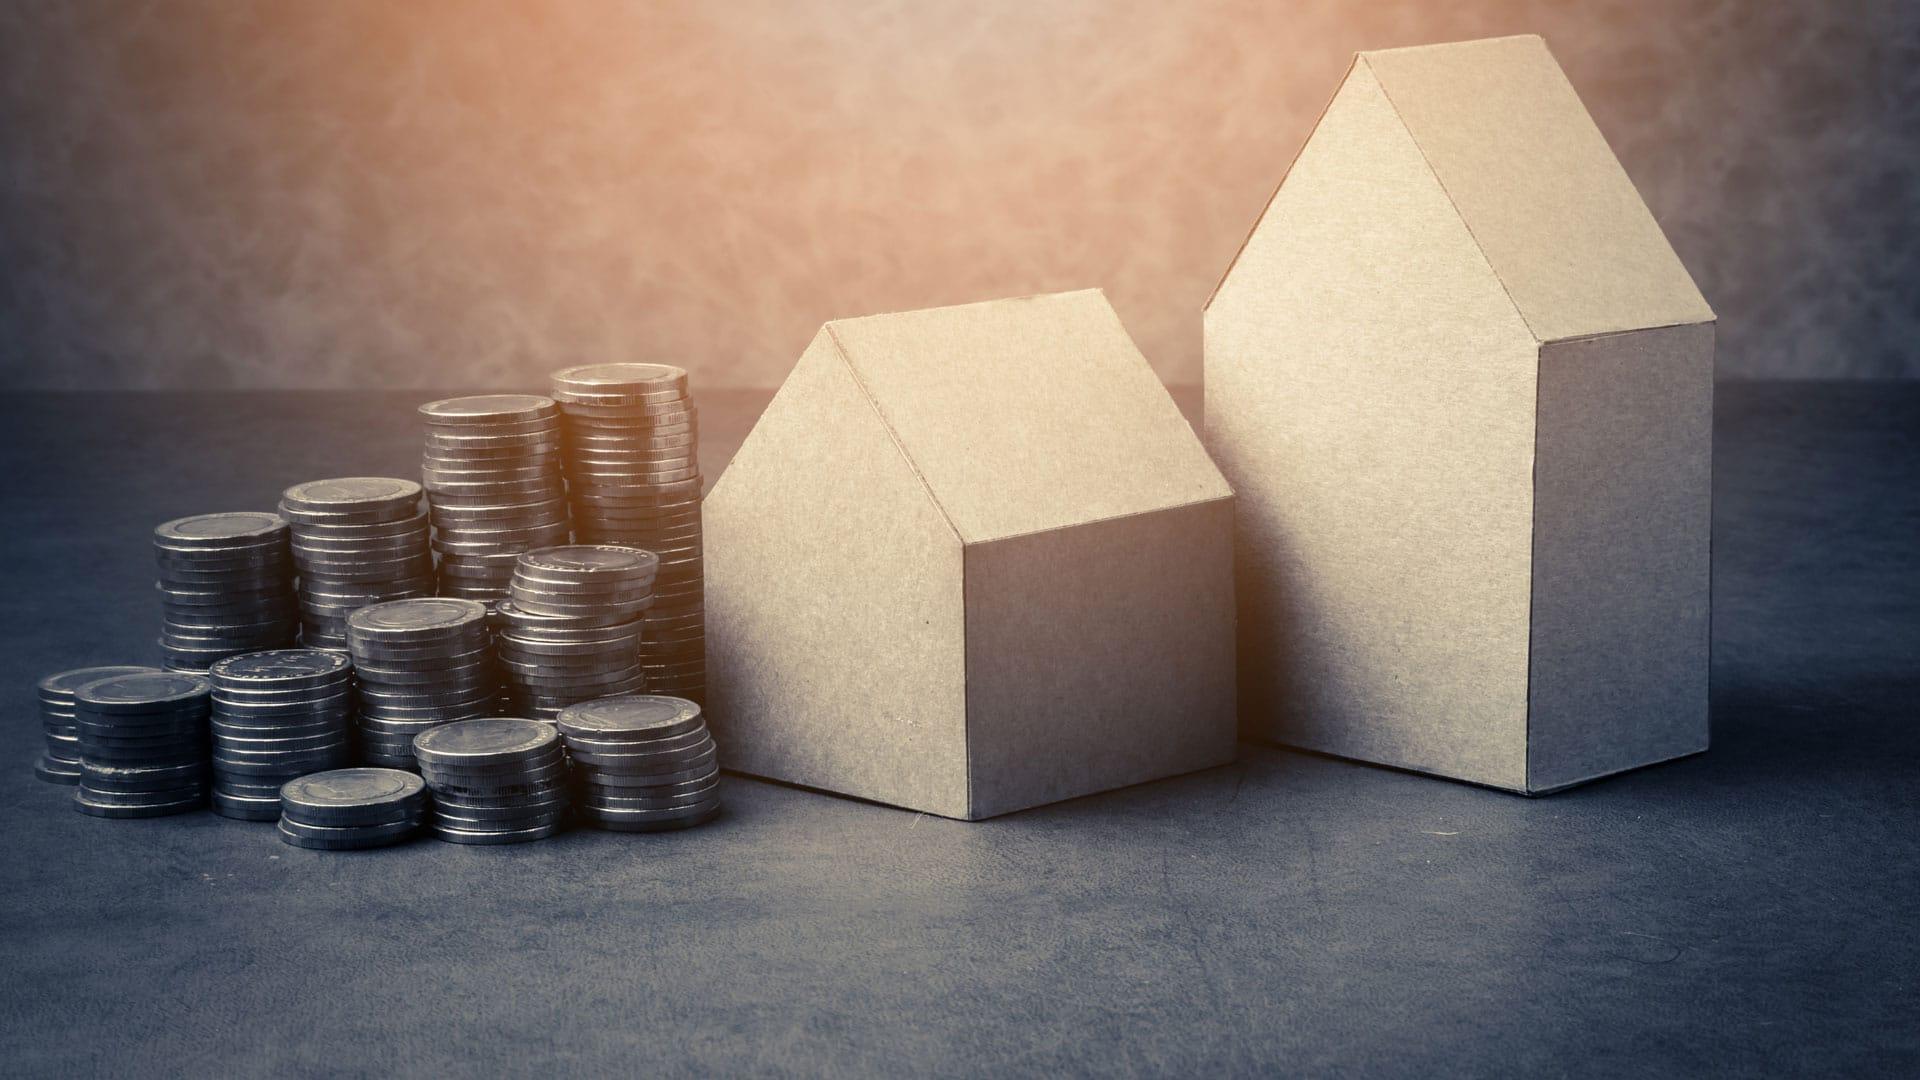 Ley de alquileres y desahucios: propuestas legales para un parque de vivienda en equilibrio